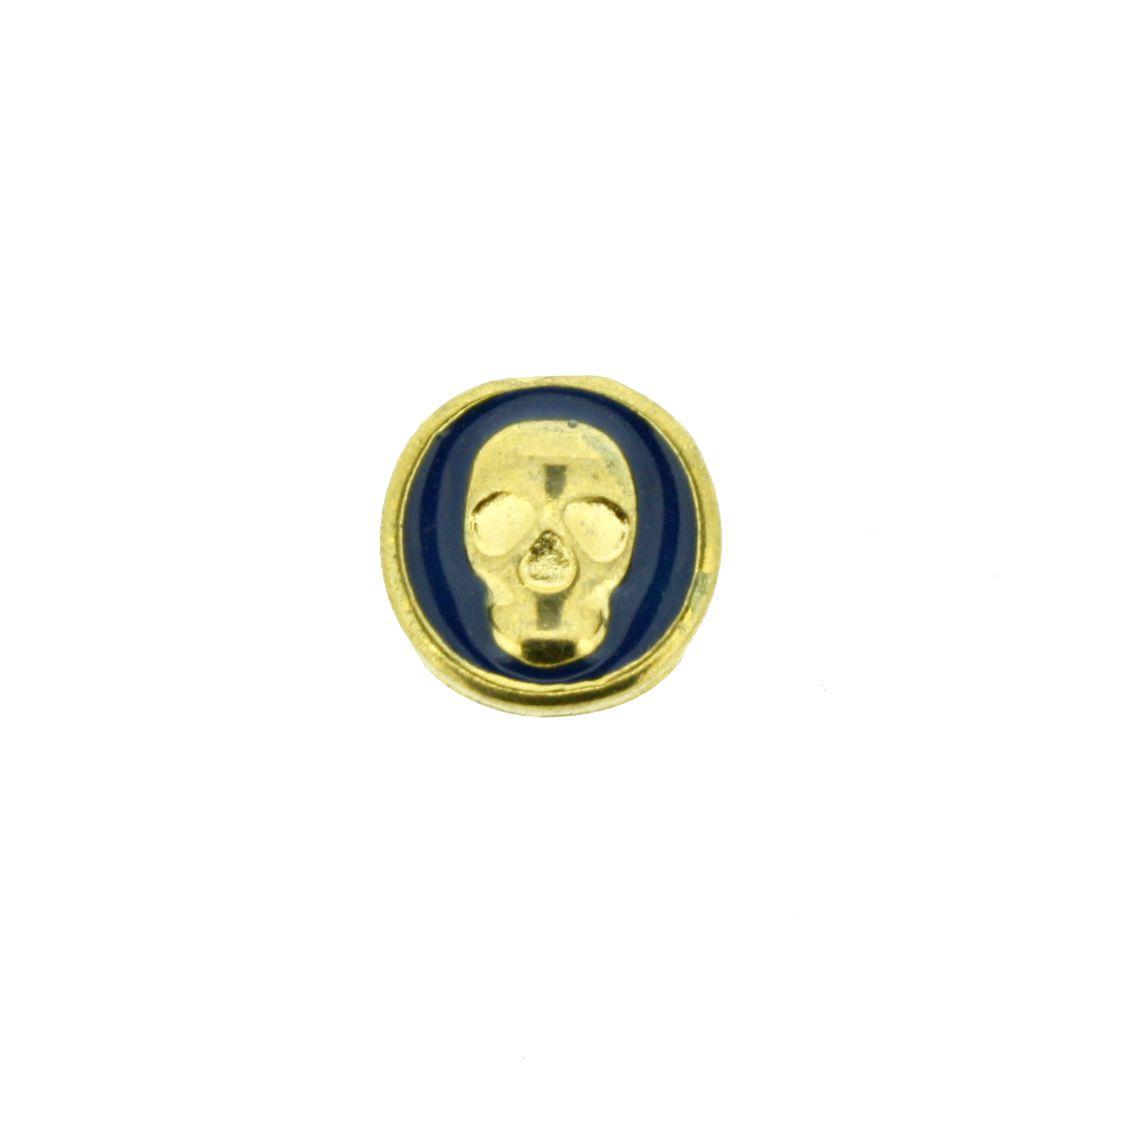 Caveira - Dourado com Azul - 9mm - 01 Peça  - Stéphanie Bijoux® - Peças para Bijuterias e Artesanato